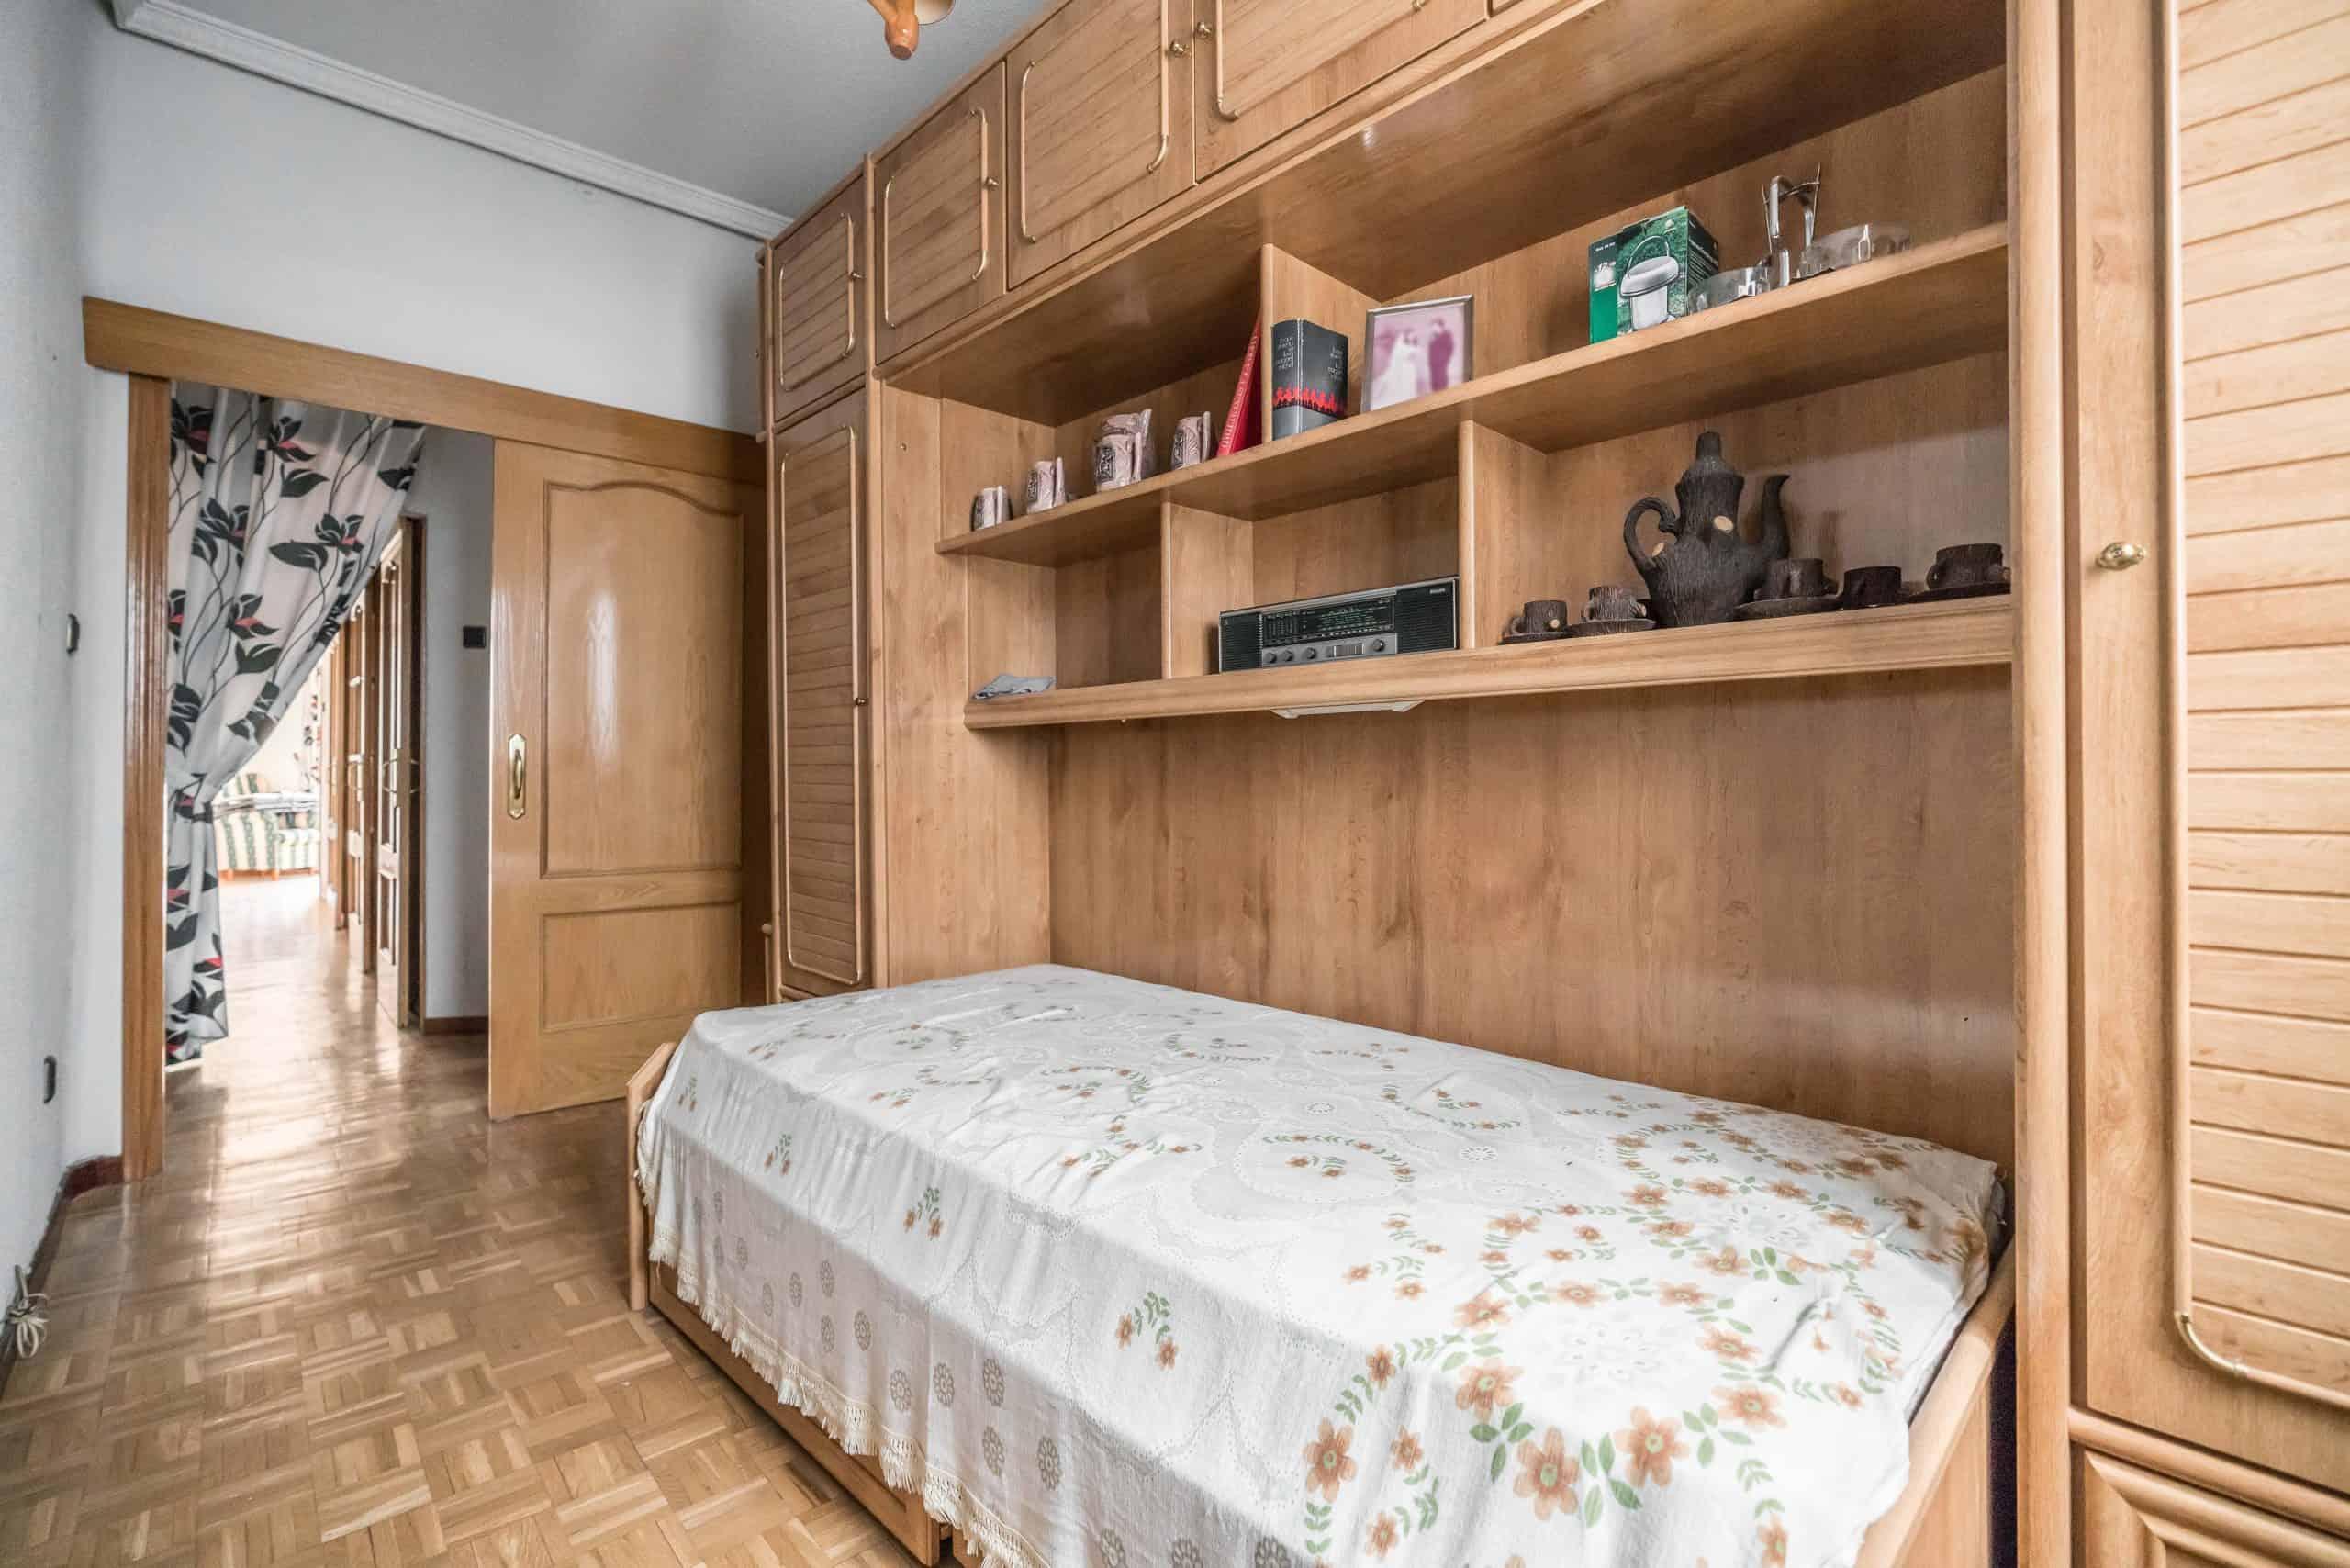 Agencia Inmobiliaria de Madrid-FUTUROCASA-Zona ARGANZUELA-EMBAJADORES-LEGAZPI -calle Guillermo de Osma 4 DORMITORIO2 (10) (Copy)